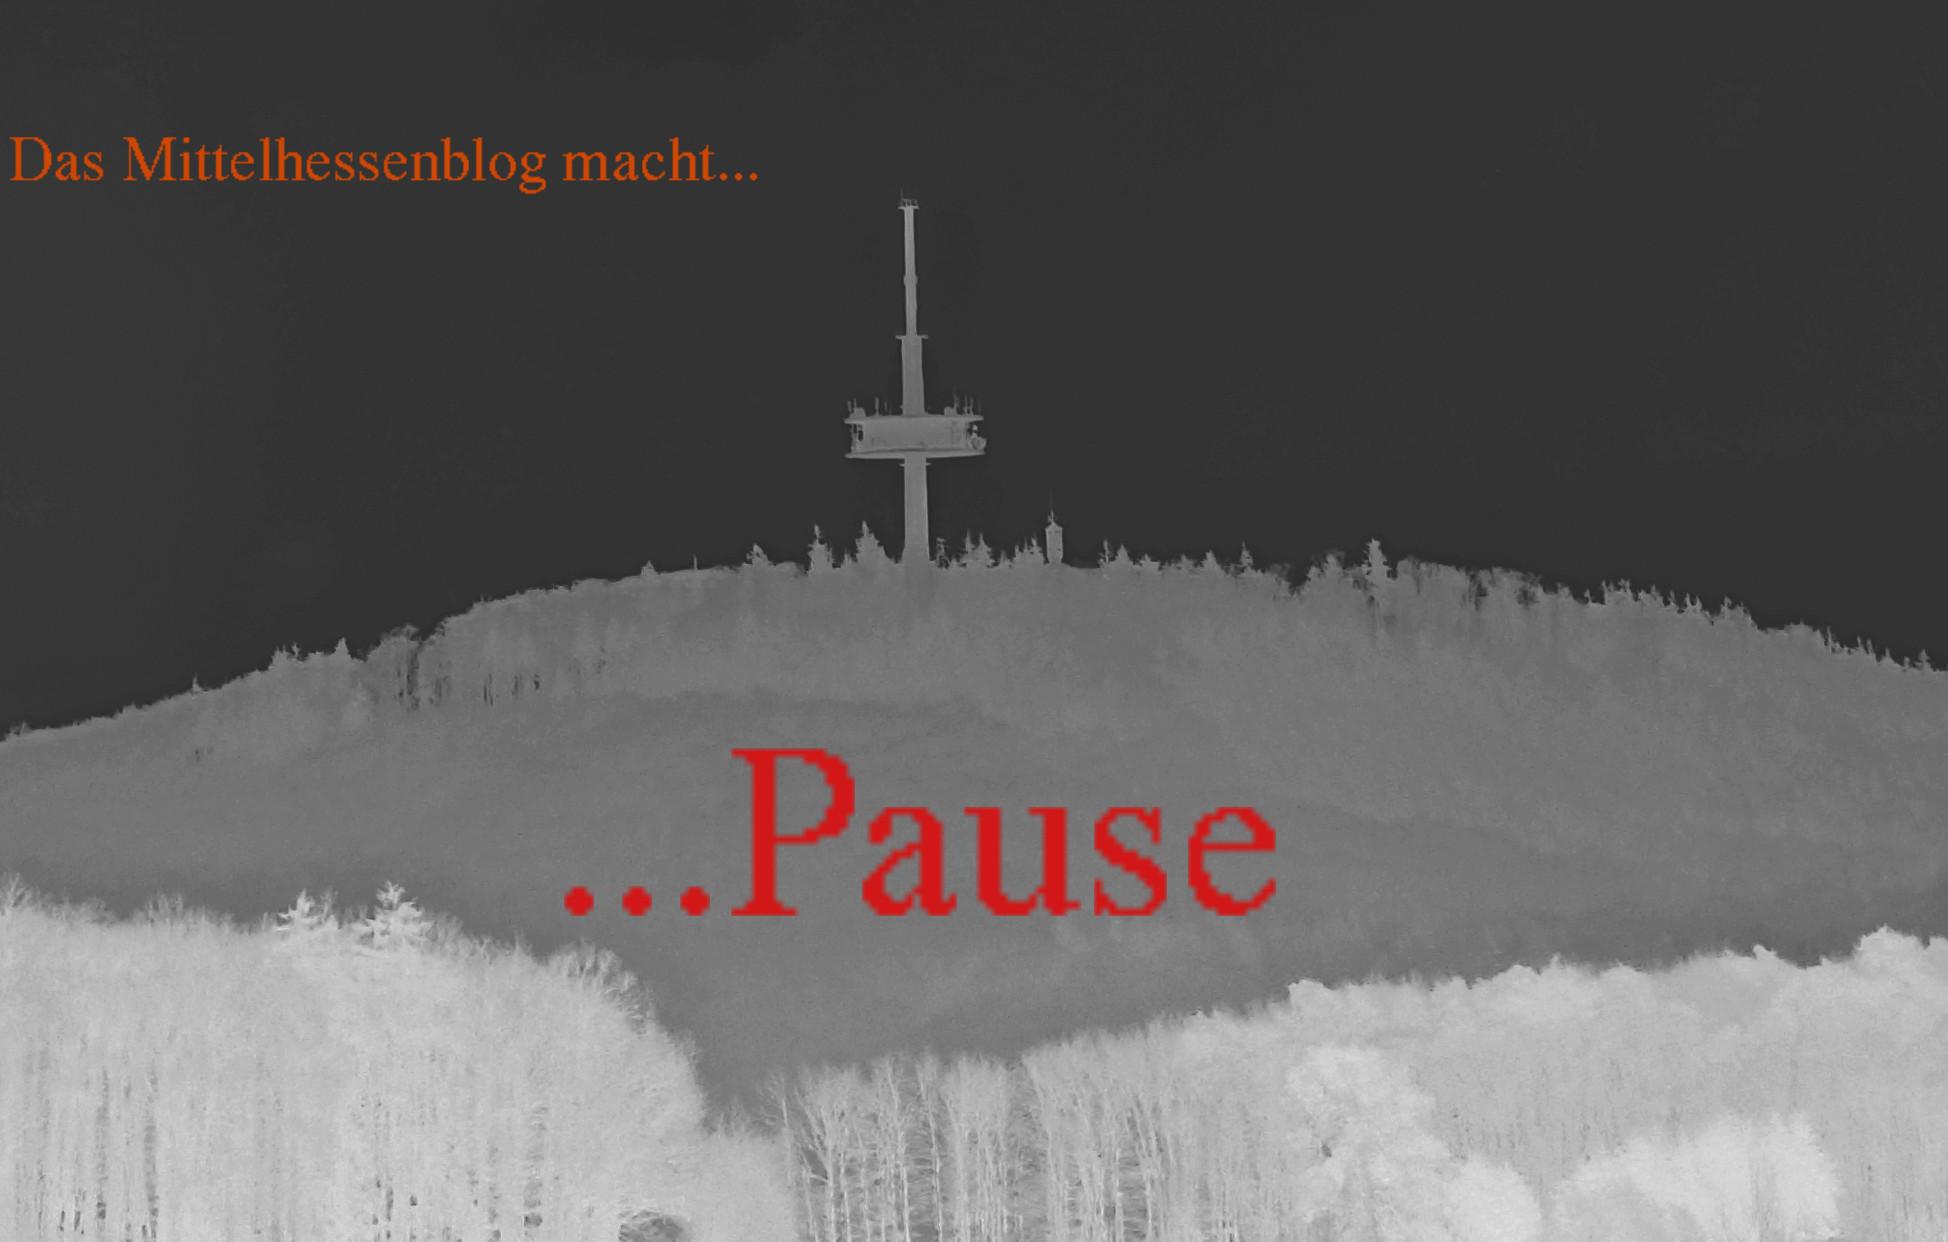 Mittelhessenblog macht sechs Tage Pause vom 3. bis 8. April 2017.